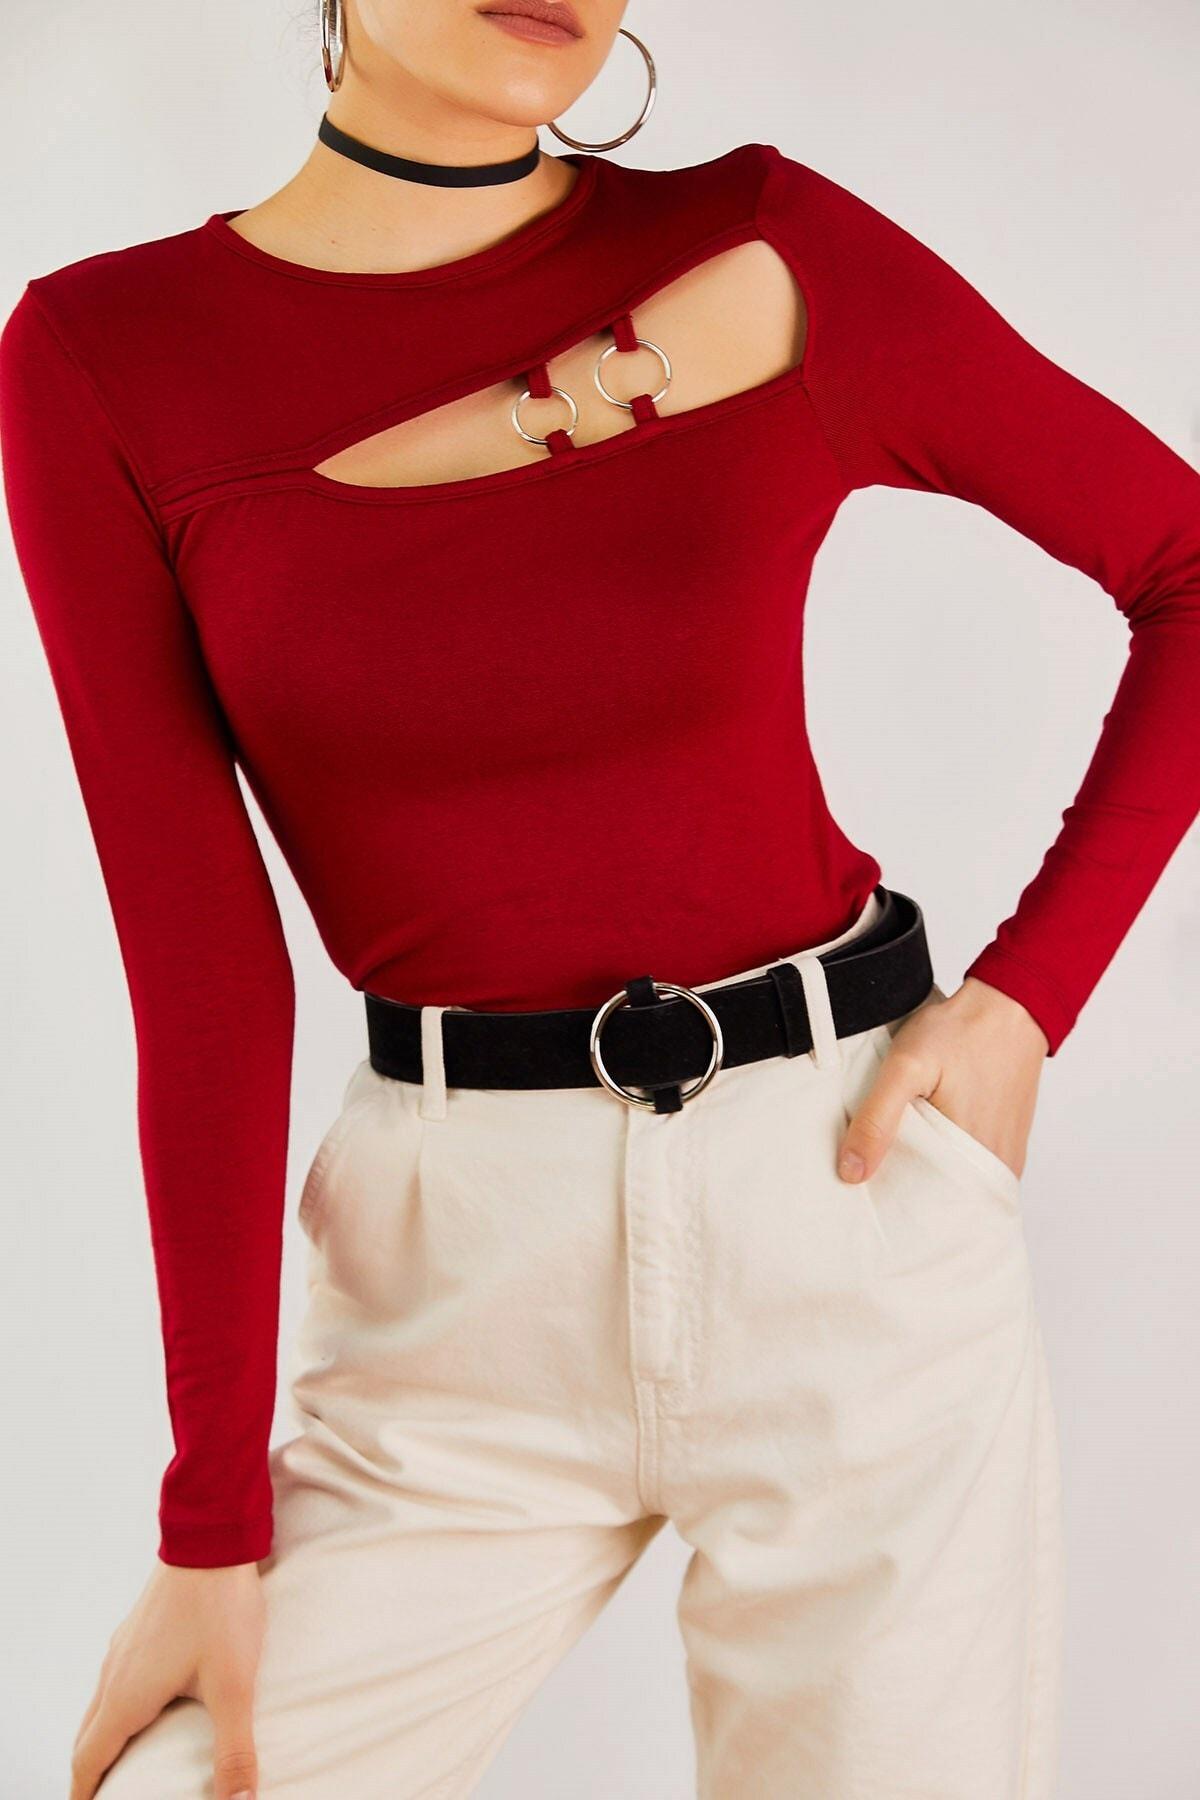 Boutiquen Kadın Bordo Göğsü Aksesuarlı Örme Bluz 11039